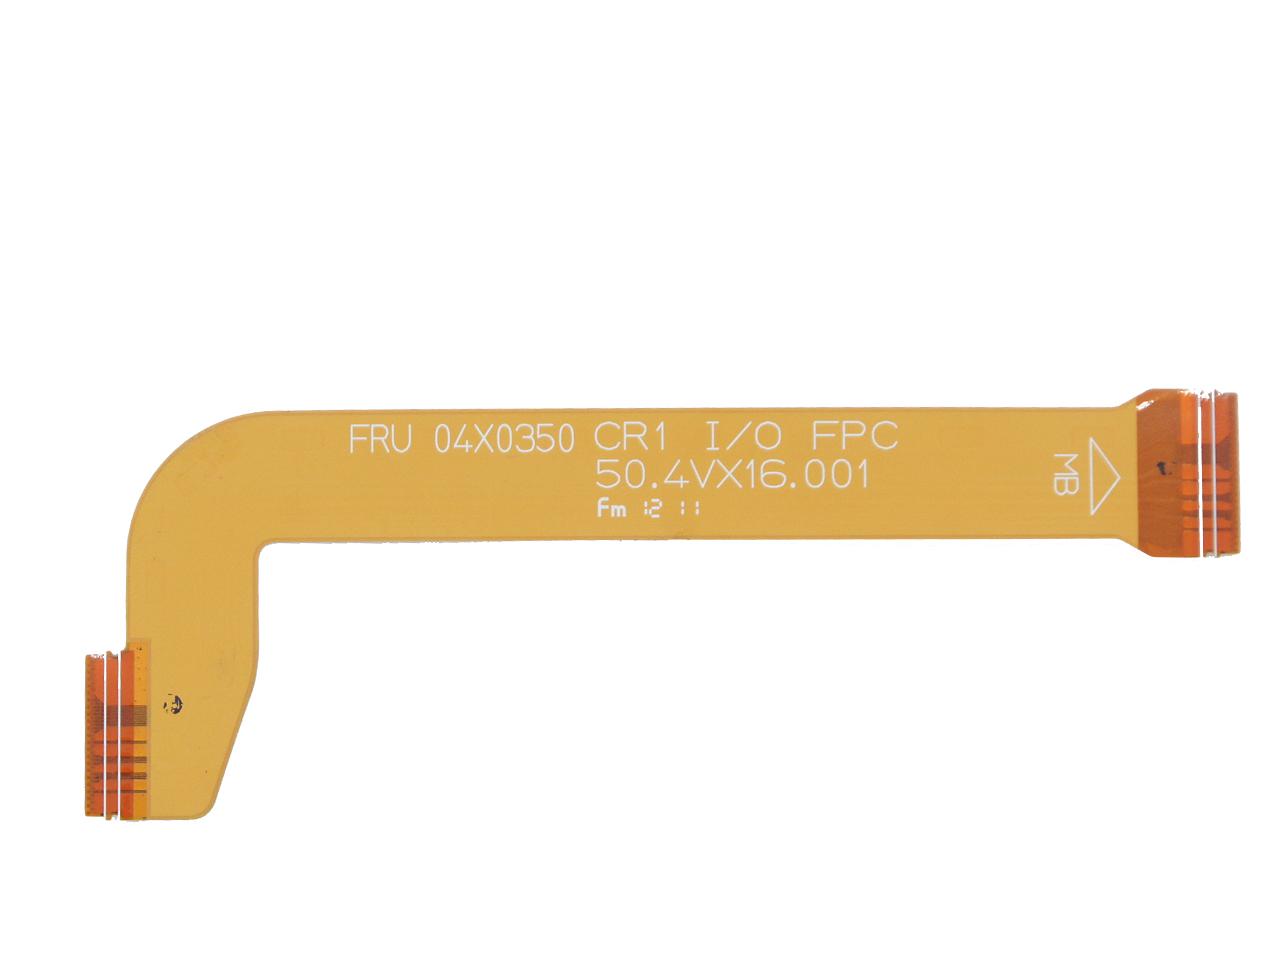 新到货105pcs FRU 04X0350 CR1 I/O FPC 50.4VX16.001 排线 连接线